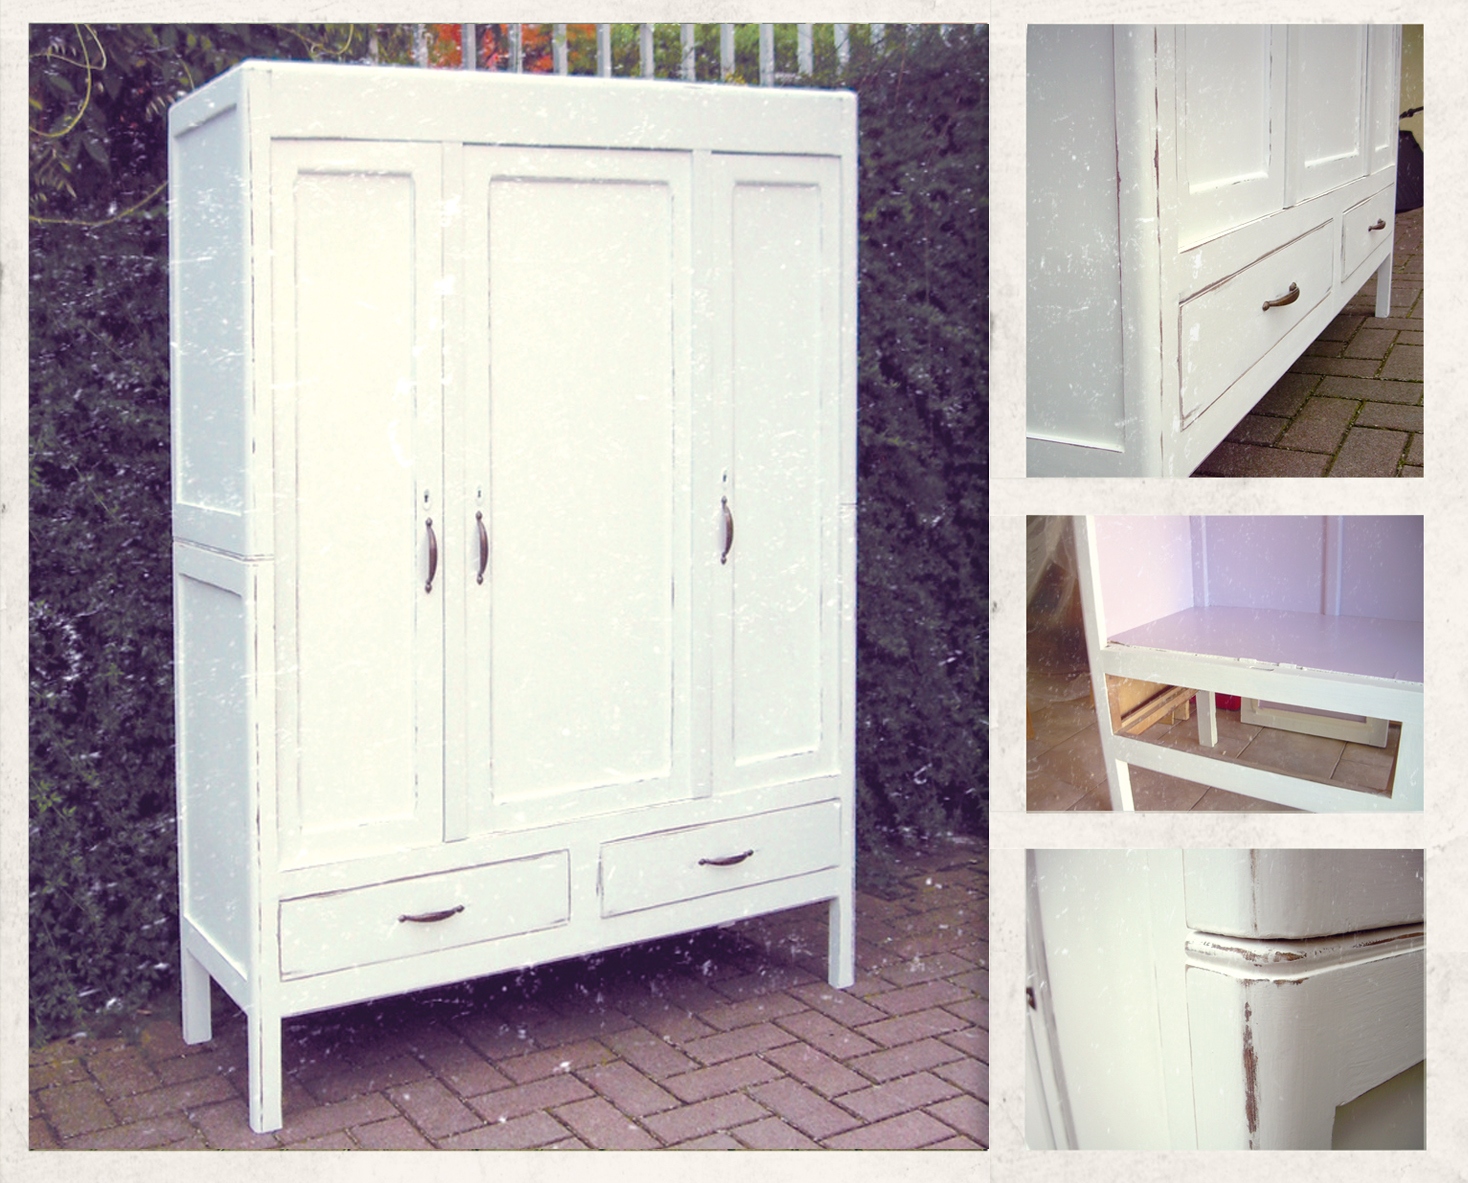 Lorendesign mobili come nuovi recuperare una vecchia camera da letto - Mobili camera da letto usati ...